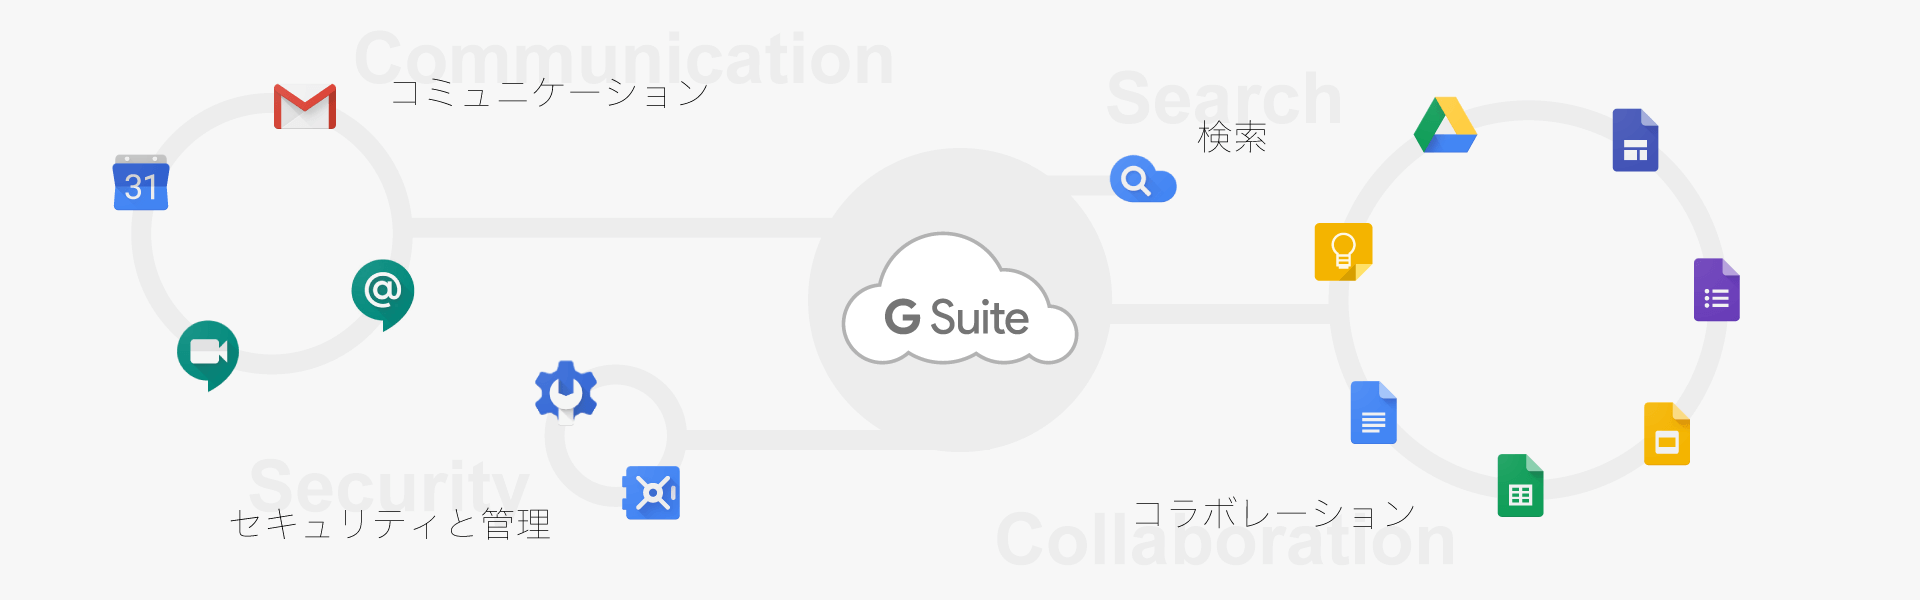 G Suite とは